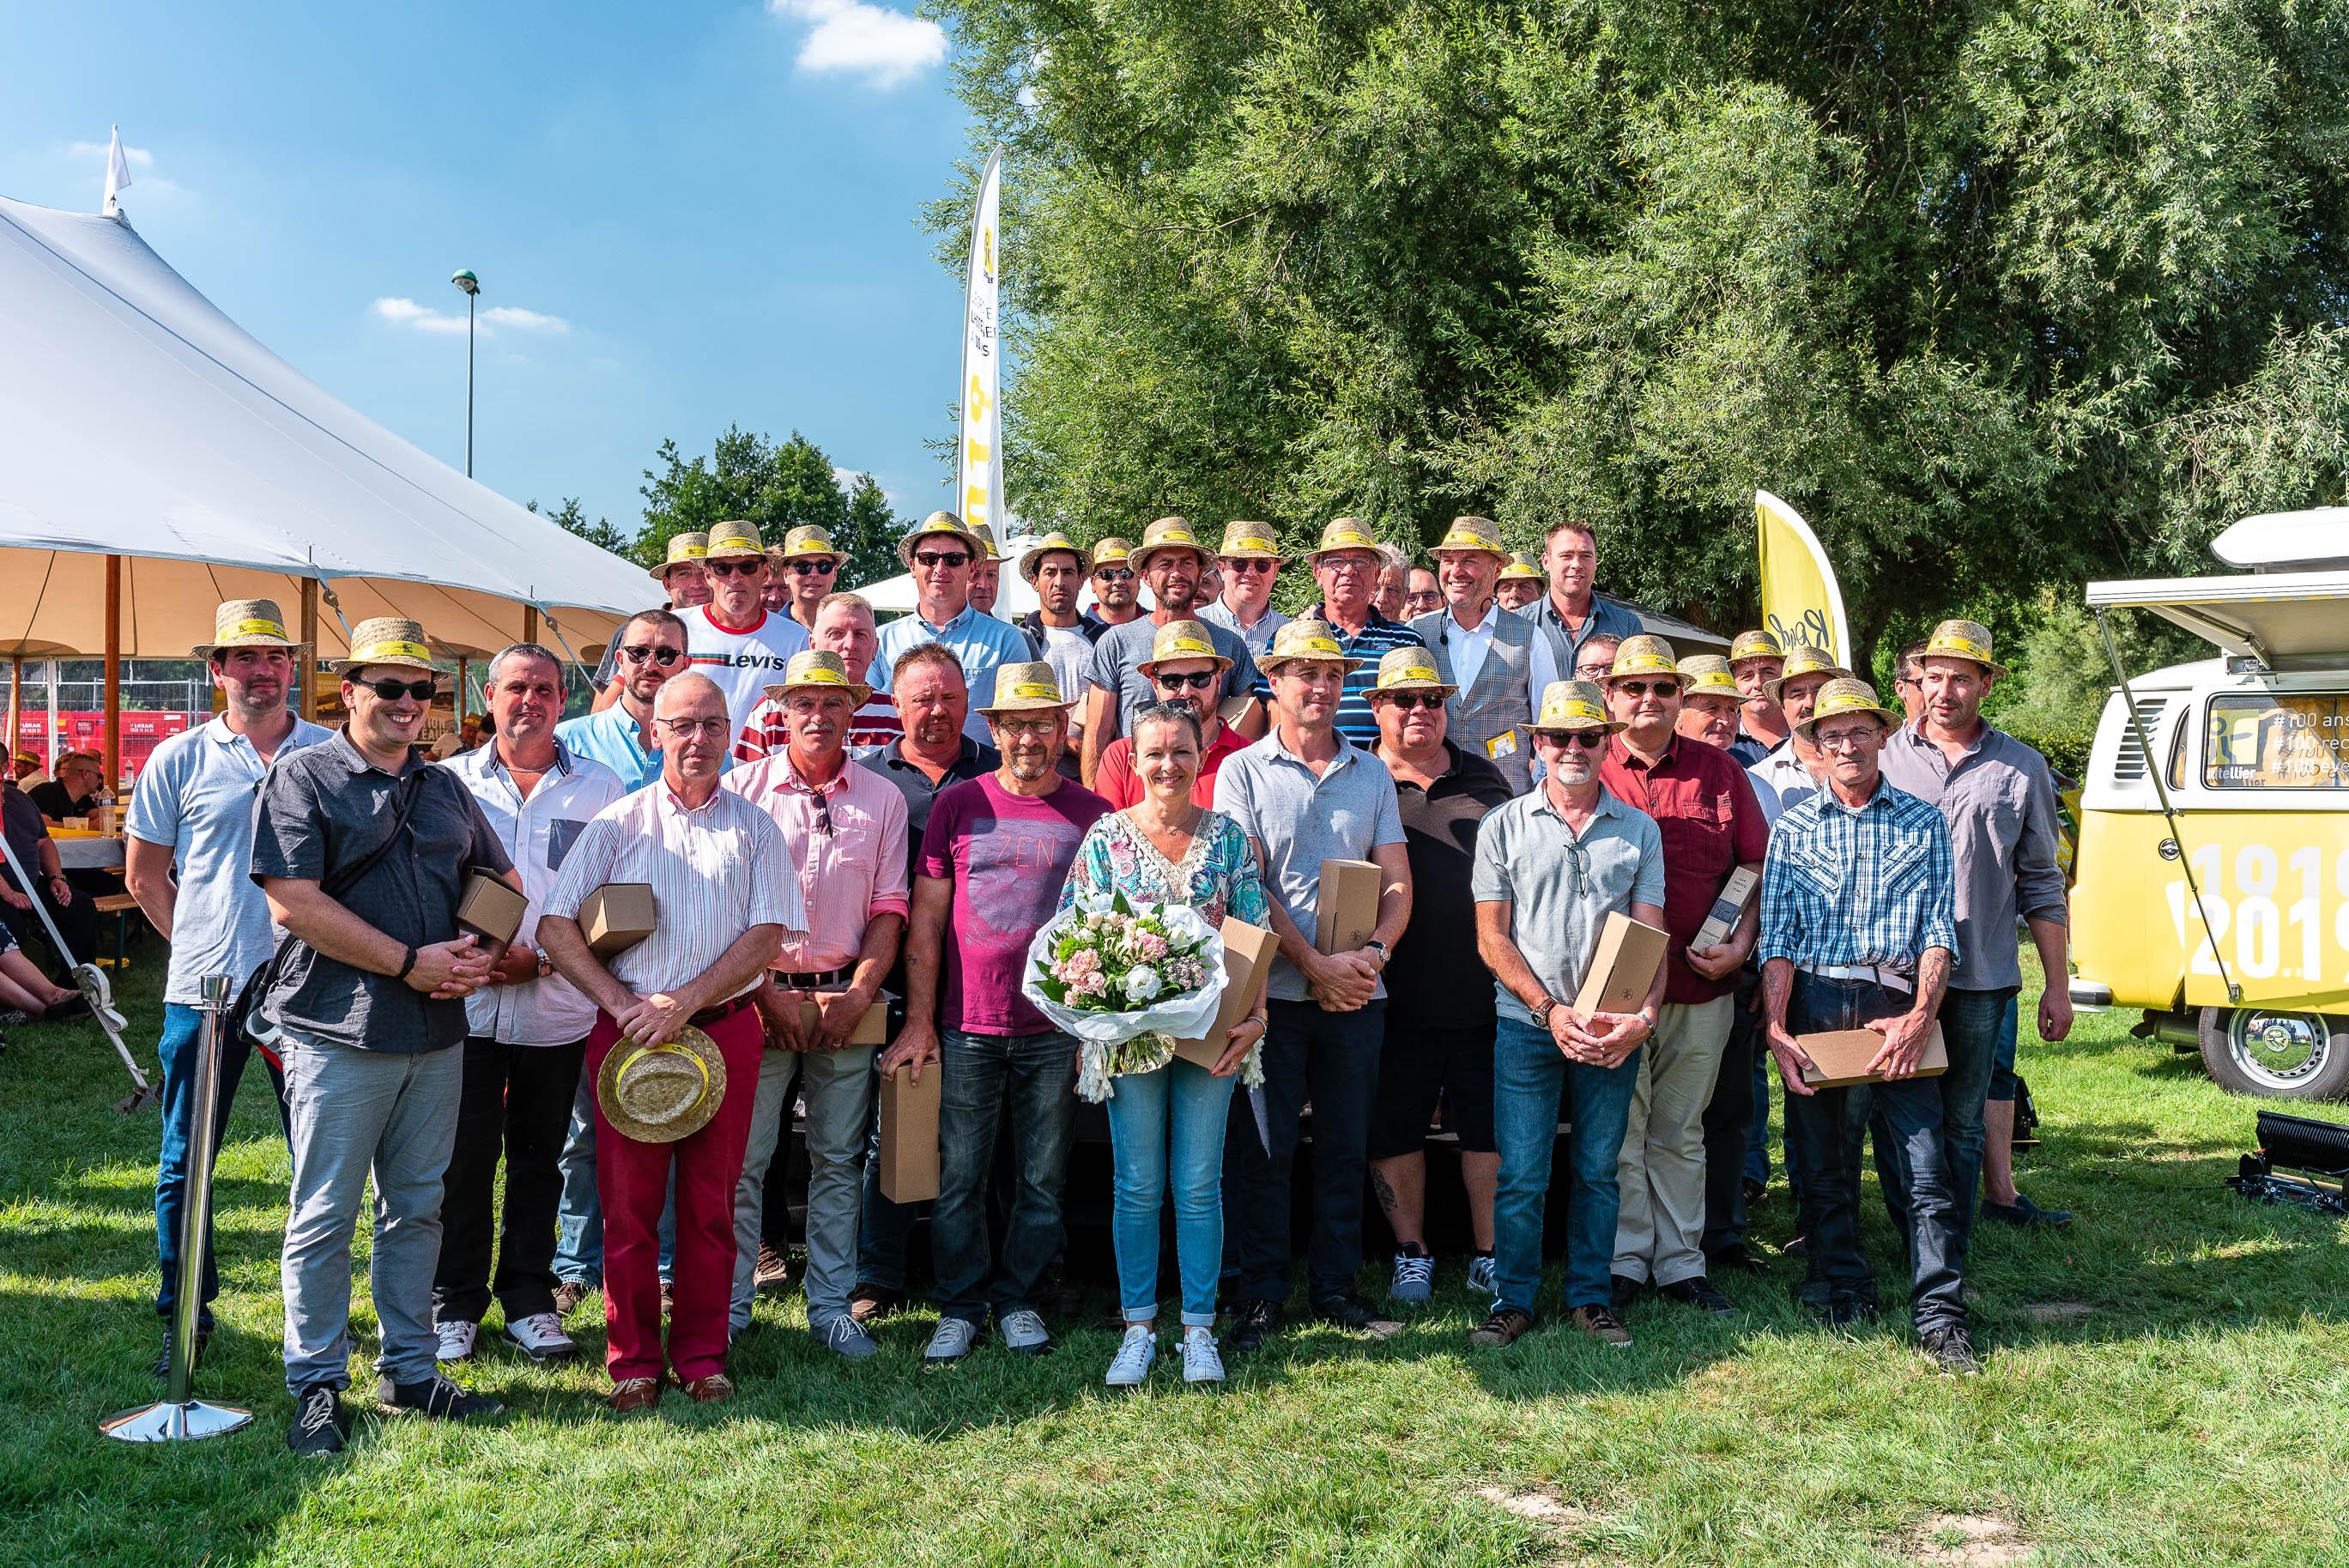 photo en couleur représentant une photo de groupe des salariés de l'entreprise lhotellier pendant la fête des 100 ans médailles du travail auteur Franck Burjes photographe de reportage à Amiens